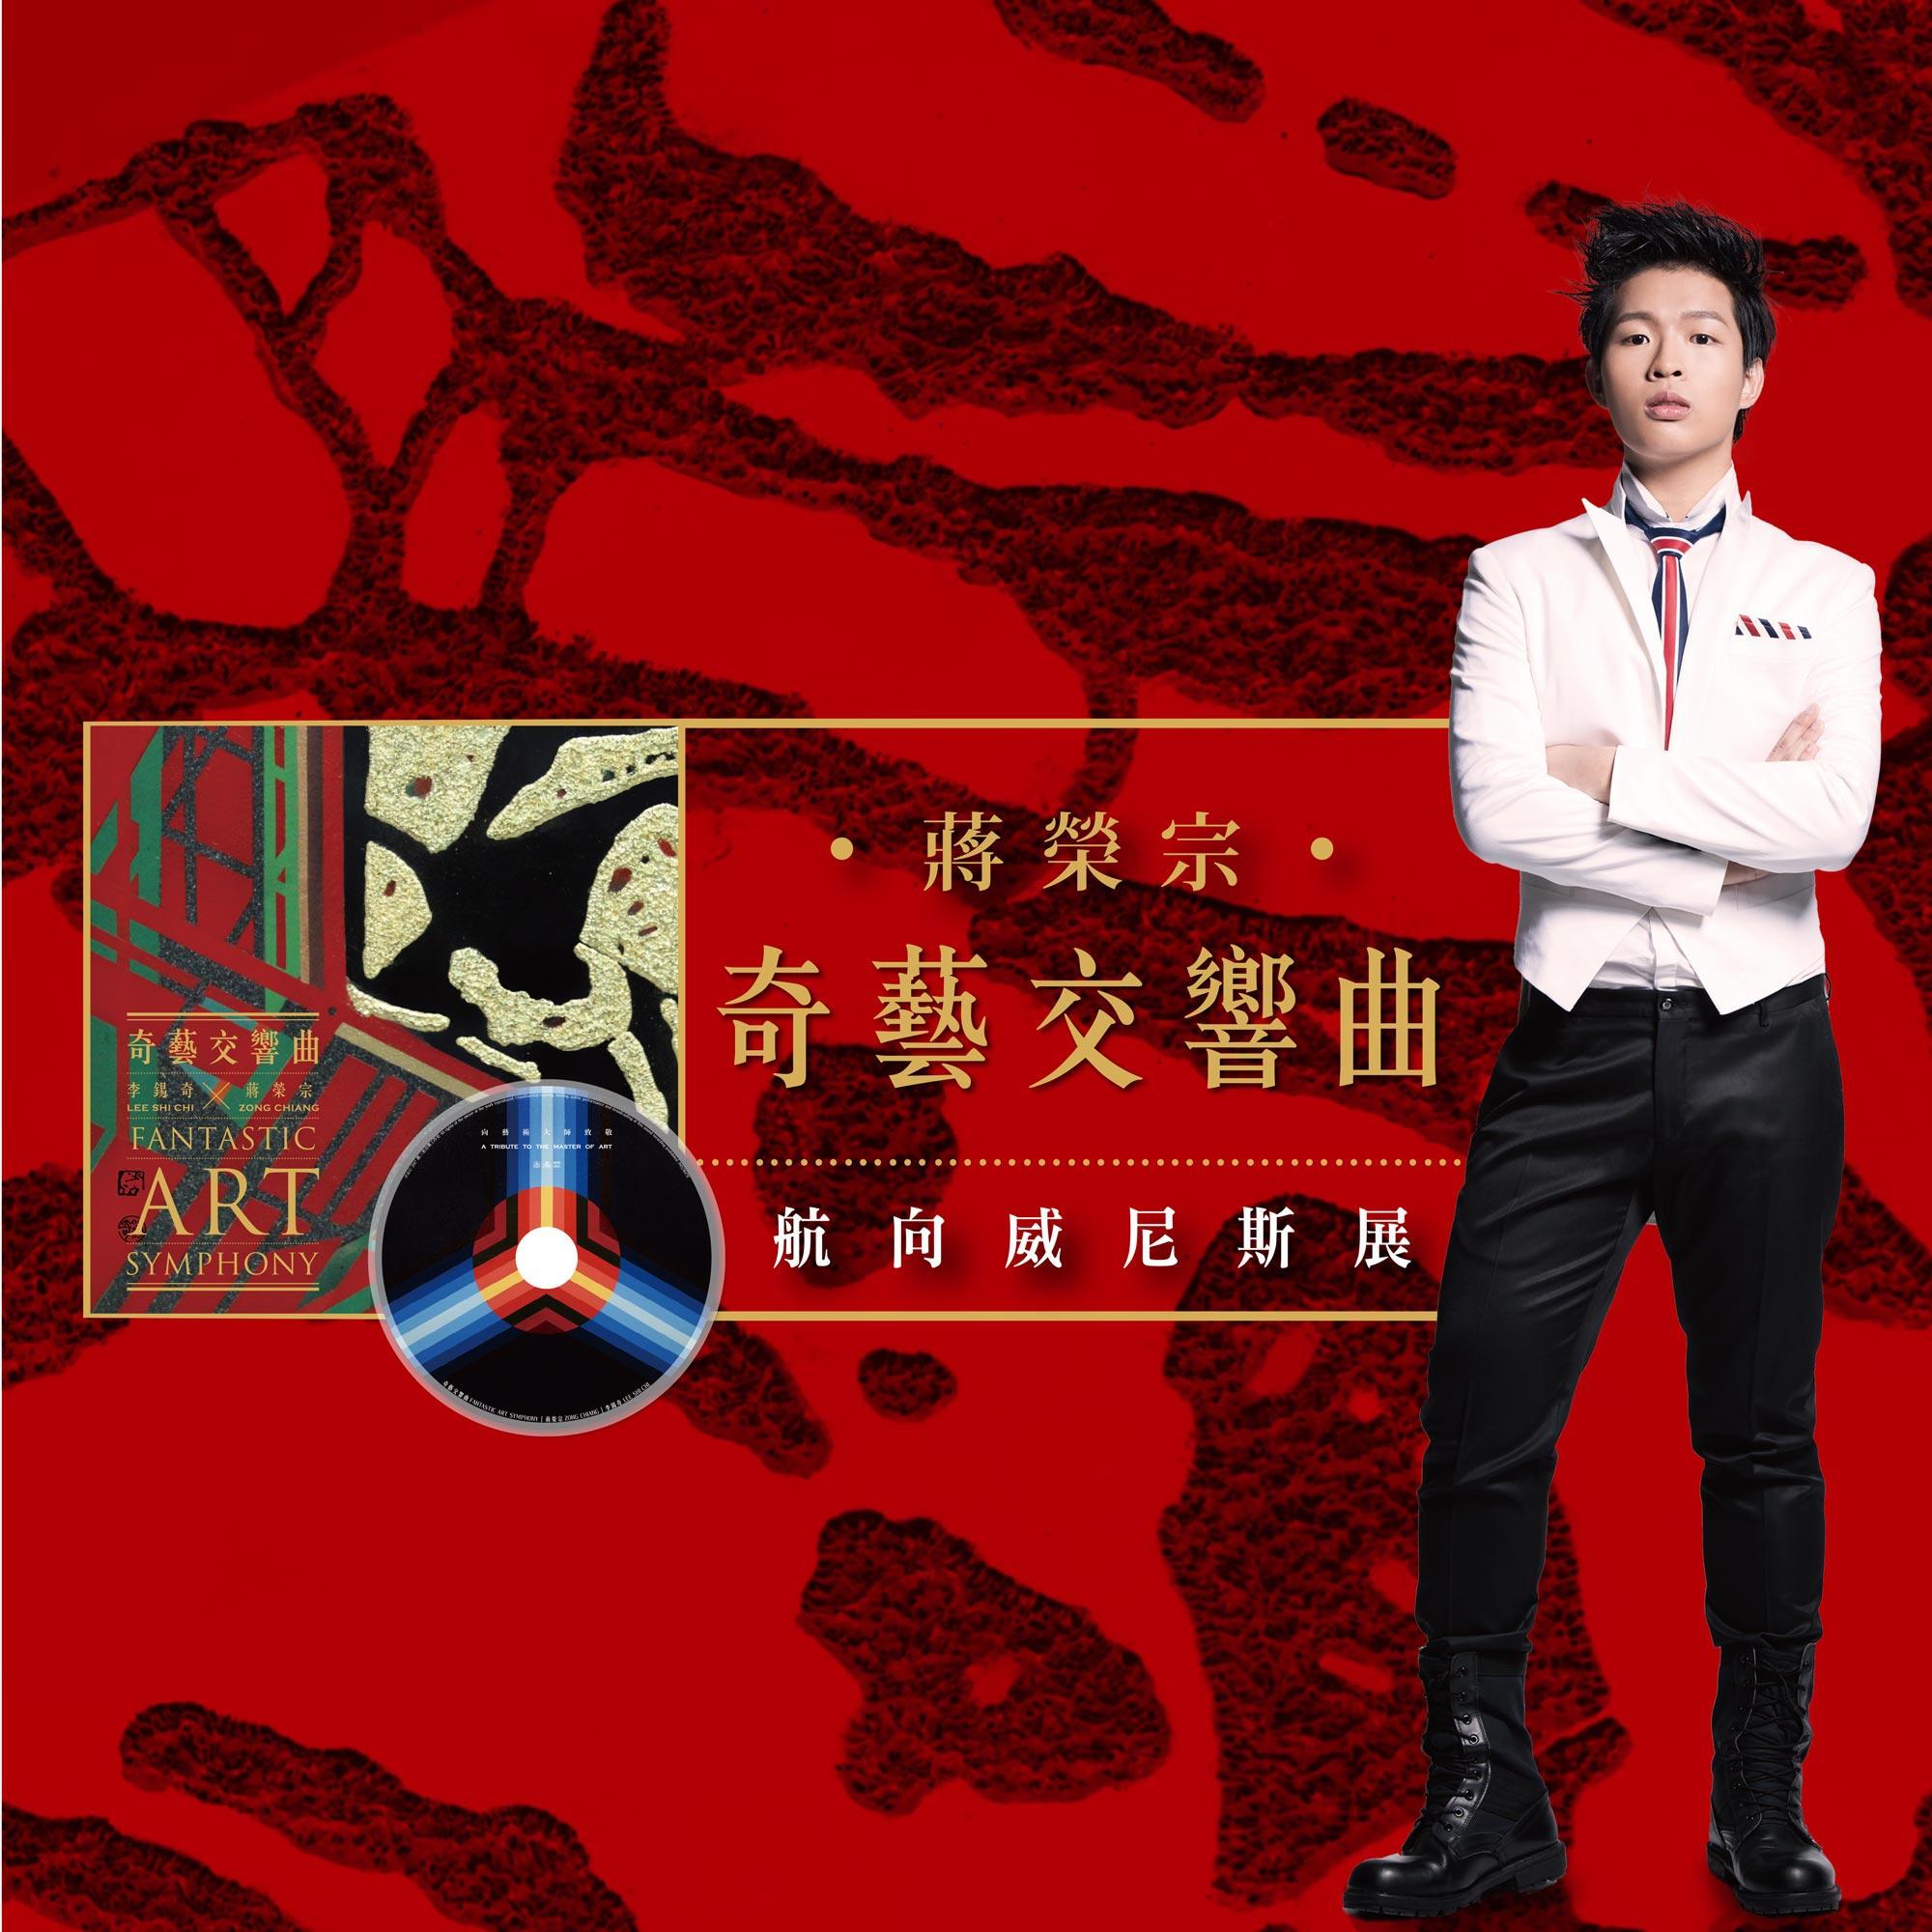 蒋荣宗:奇艺交响曲-航向威尼斯展